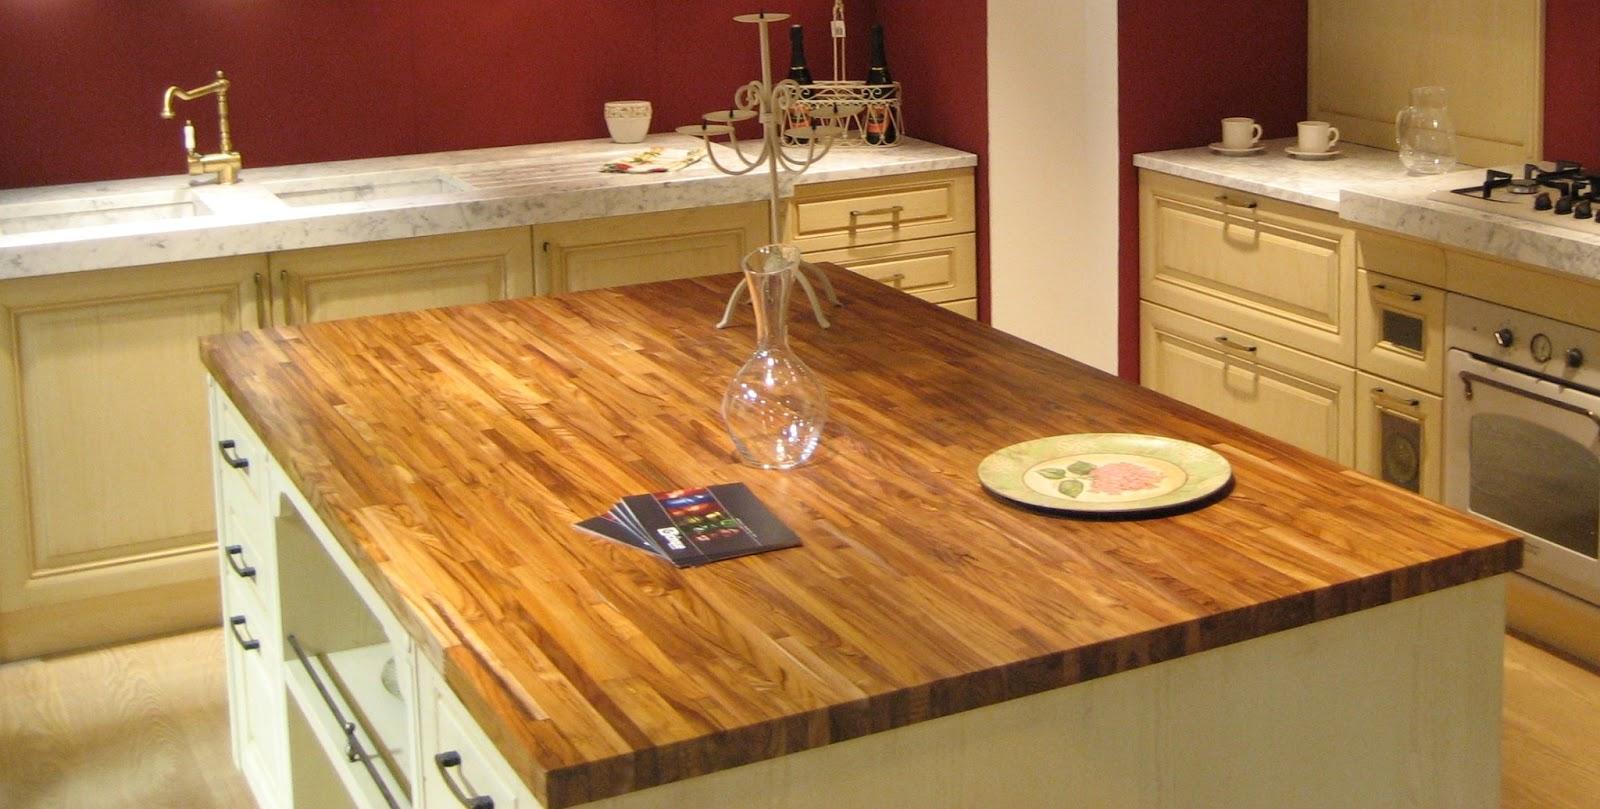 Encimeras de cocina c mo usar y conservar cocinas con - Encimeras madera cocina ...